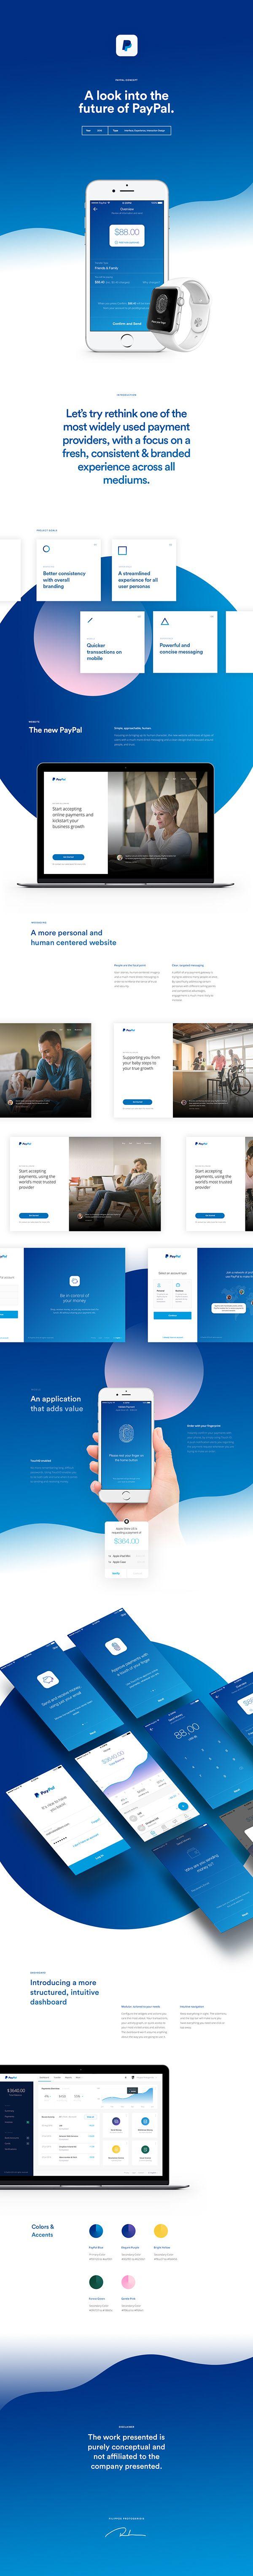 UI Design: PayPal Concept Design | Abduzeedo